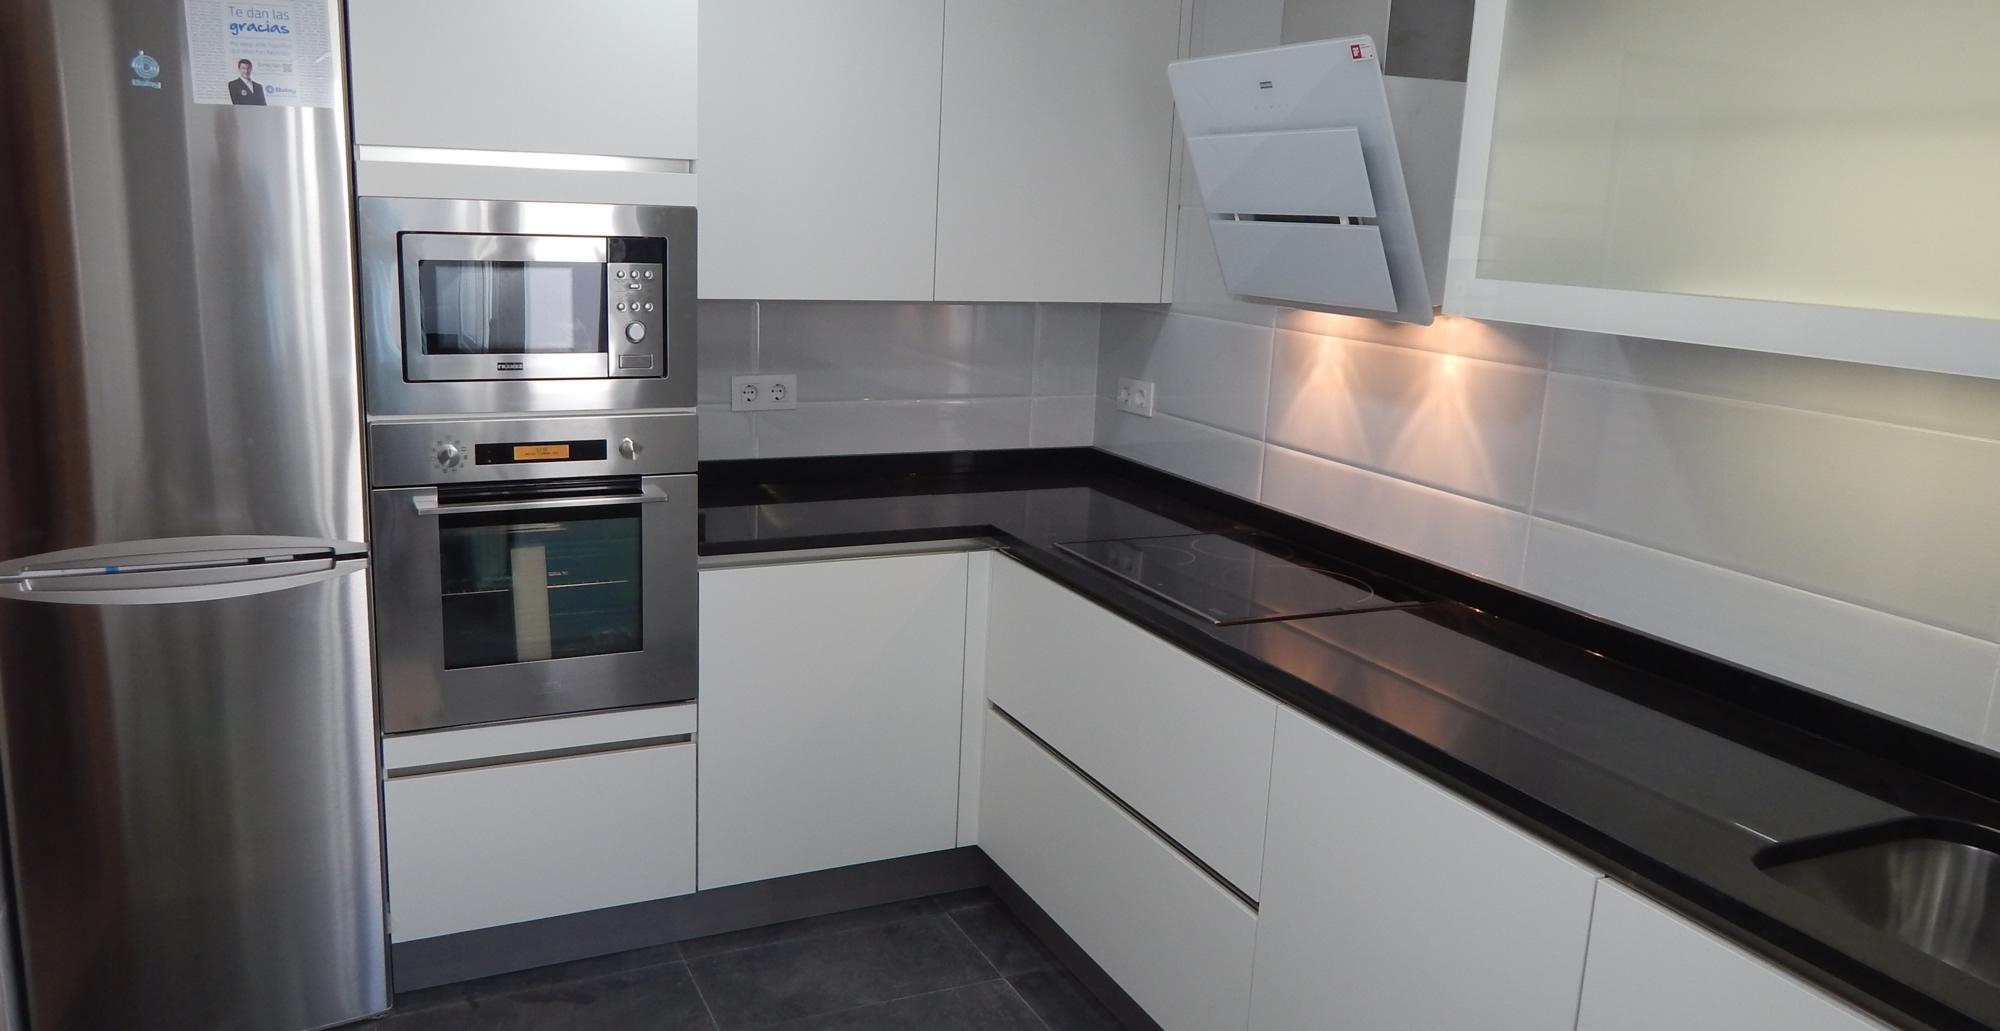 Muebles de cocina especialistas en dise o sin tiradores - Tiradores cocina modernos ...